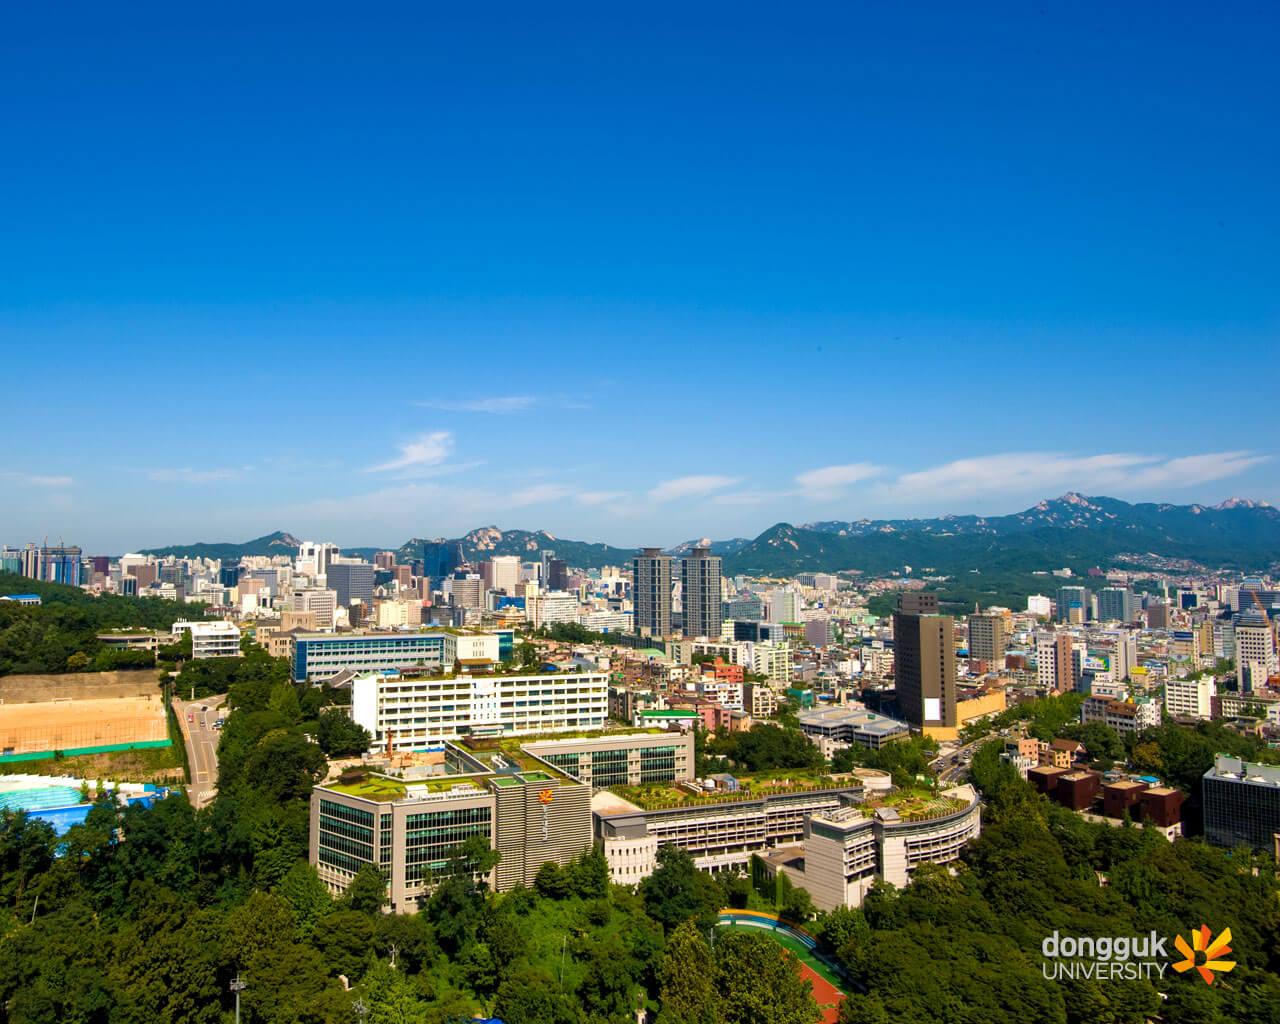 Học phí, thu hồi và hoàn trả tiền khóa học ngôn ngữ đại học Dongguk